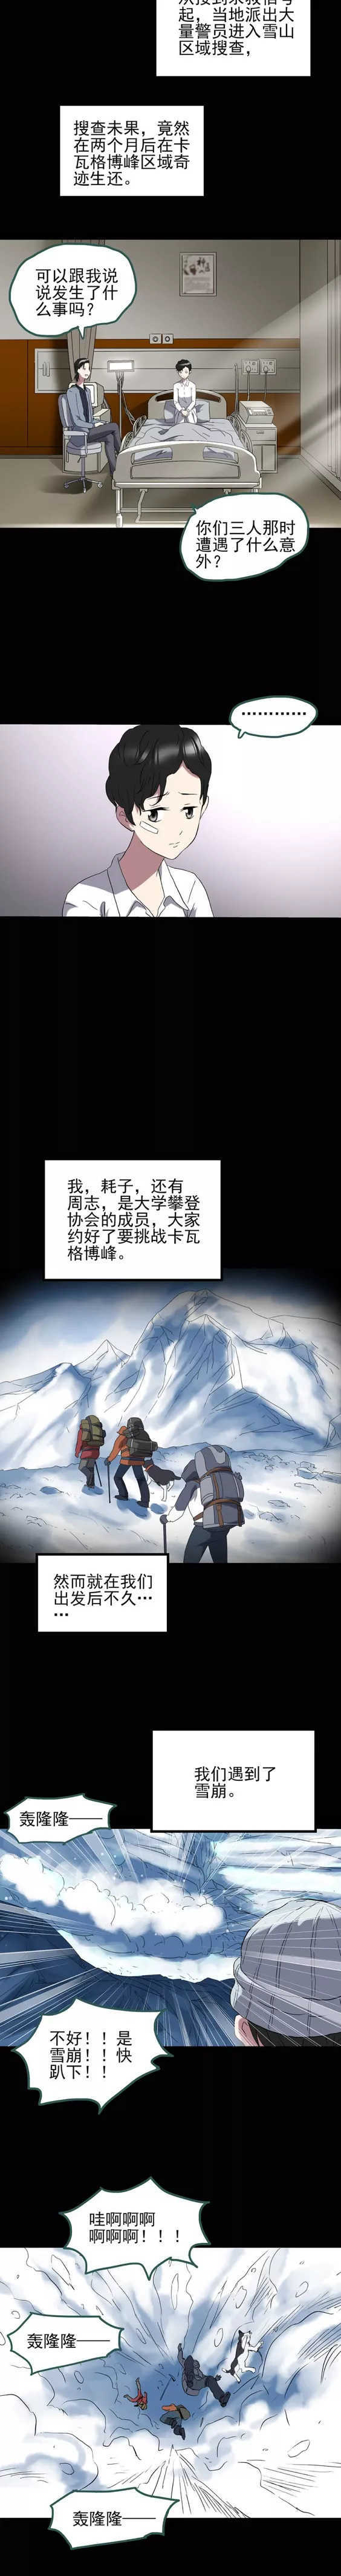 山难的唯一幸存者 细思极恐是什么让她活了下来